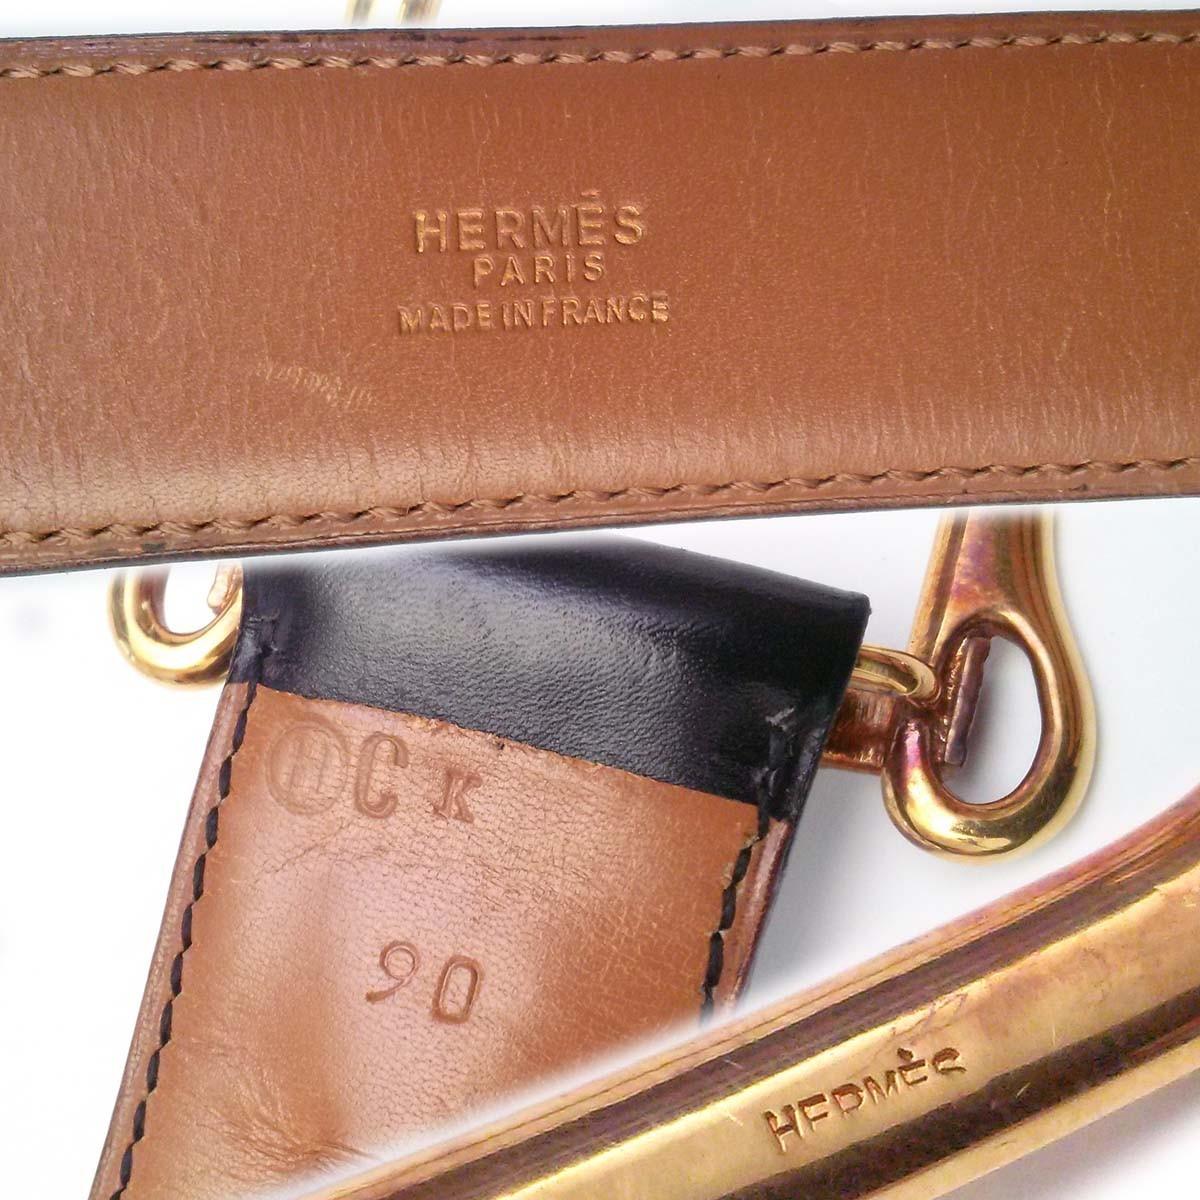 エルメス 1978ヴィンテージ レア 90cmベルト バックルbeltモチーフ gold金具 黒 茶 BOXカーフ 〇H刻印 appre5792_画像10